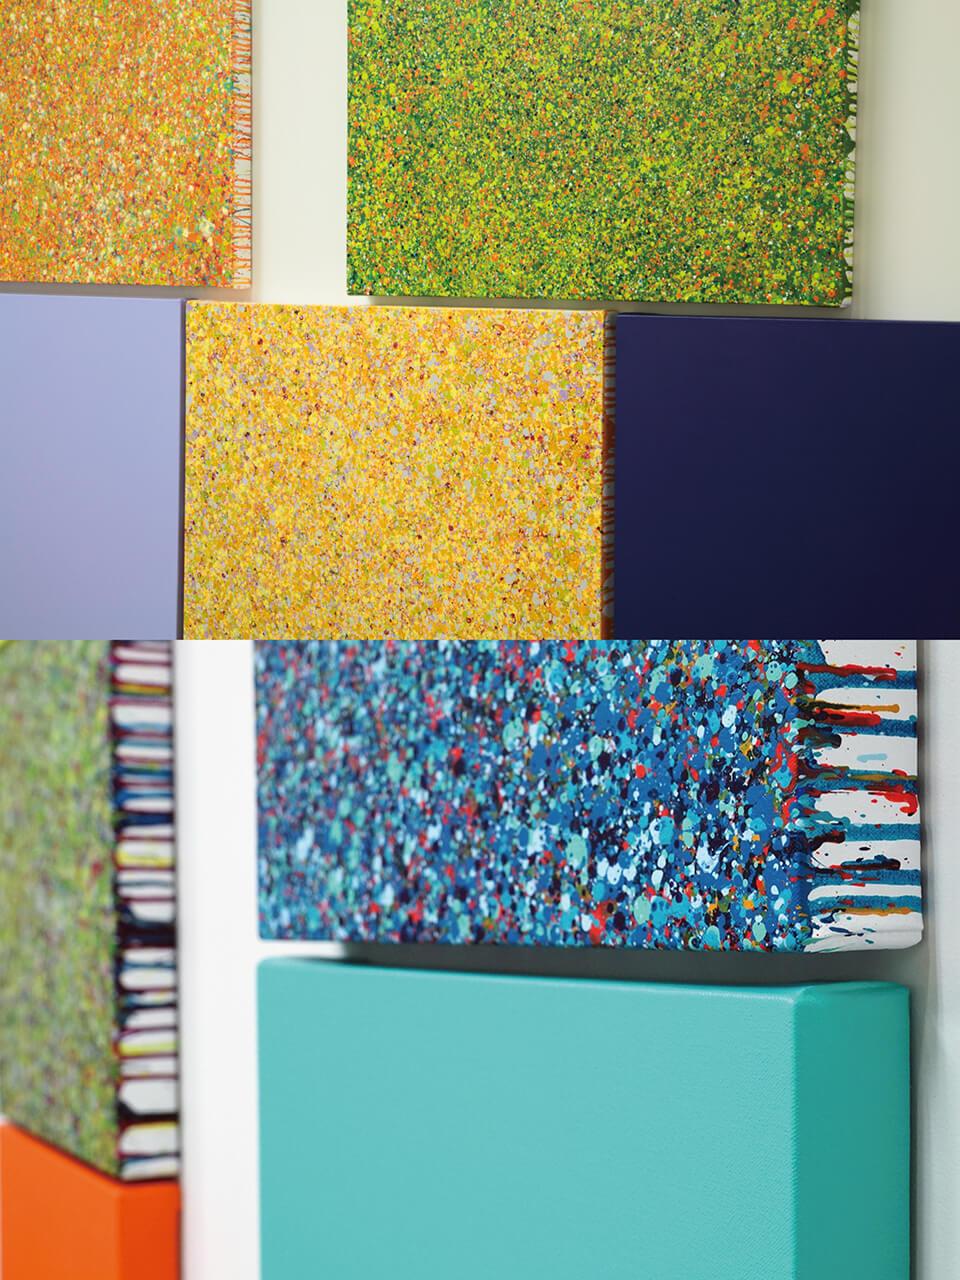 「悲しき南回帰線 tristes tropiques」<br /> 2014-15<br /> 72.7×72.7×4.5cm details<br /> acrylic on canvas